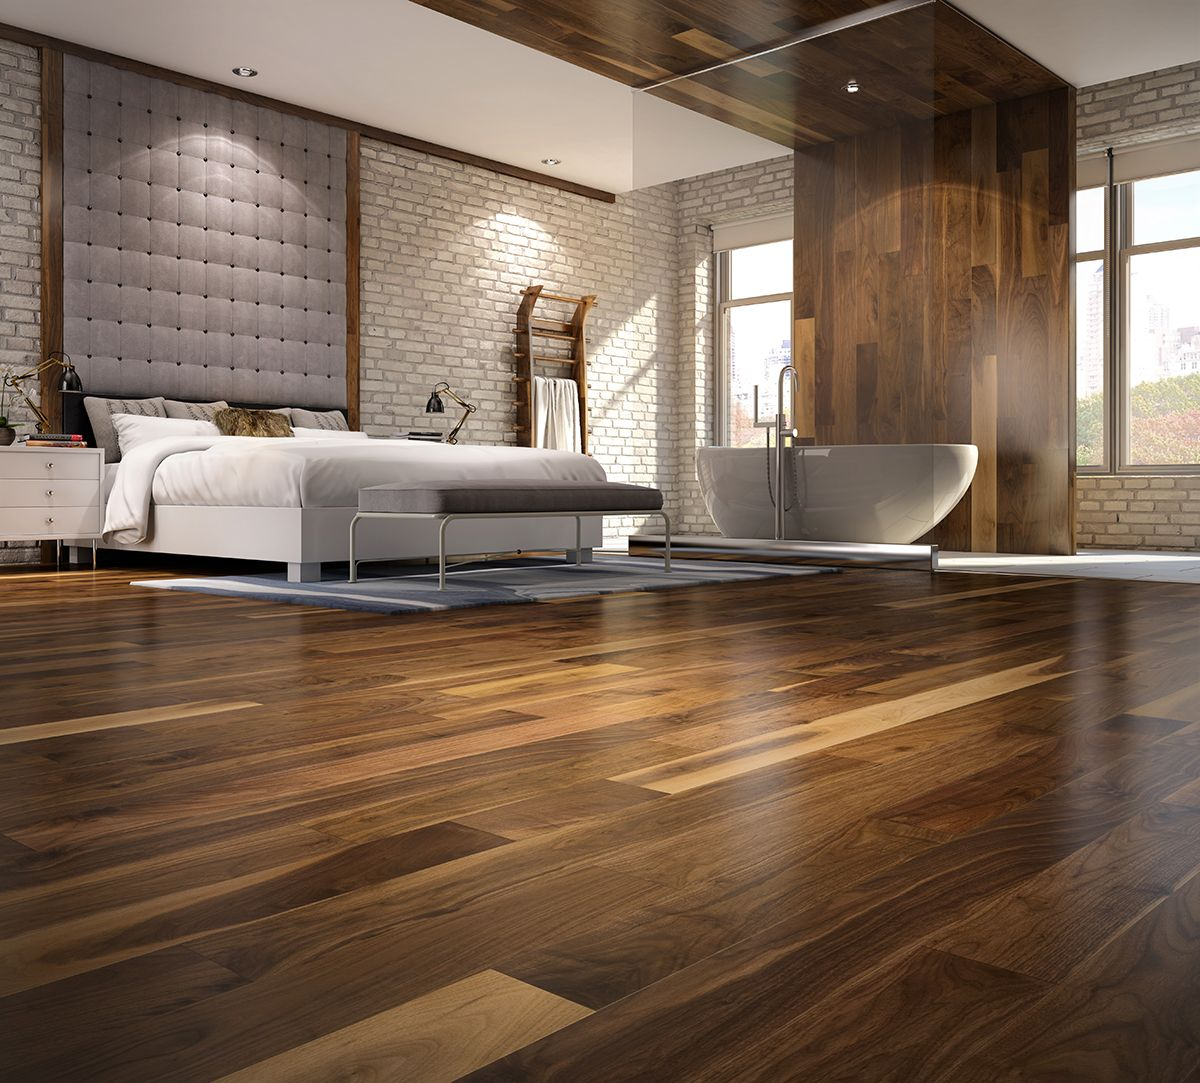 Chambre à coucher luxueuse avec bain et plancher de bois franc ...